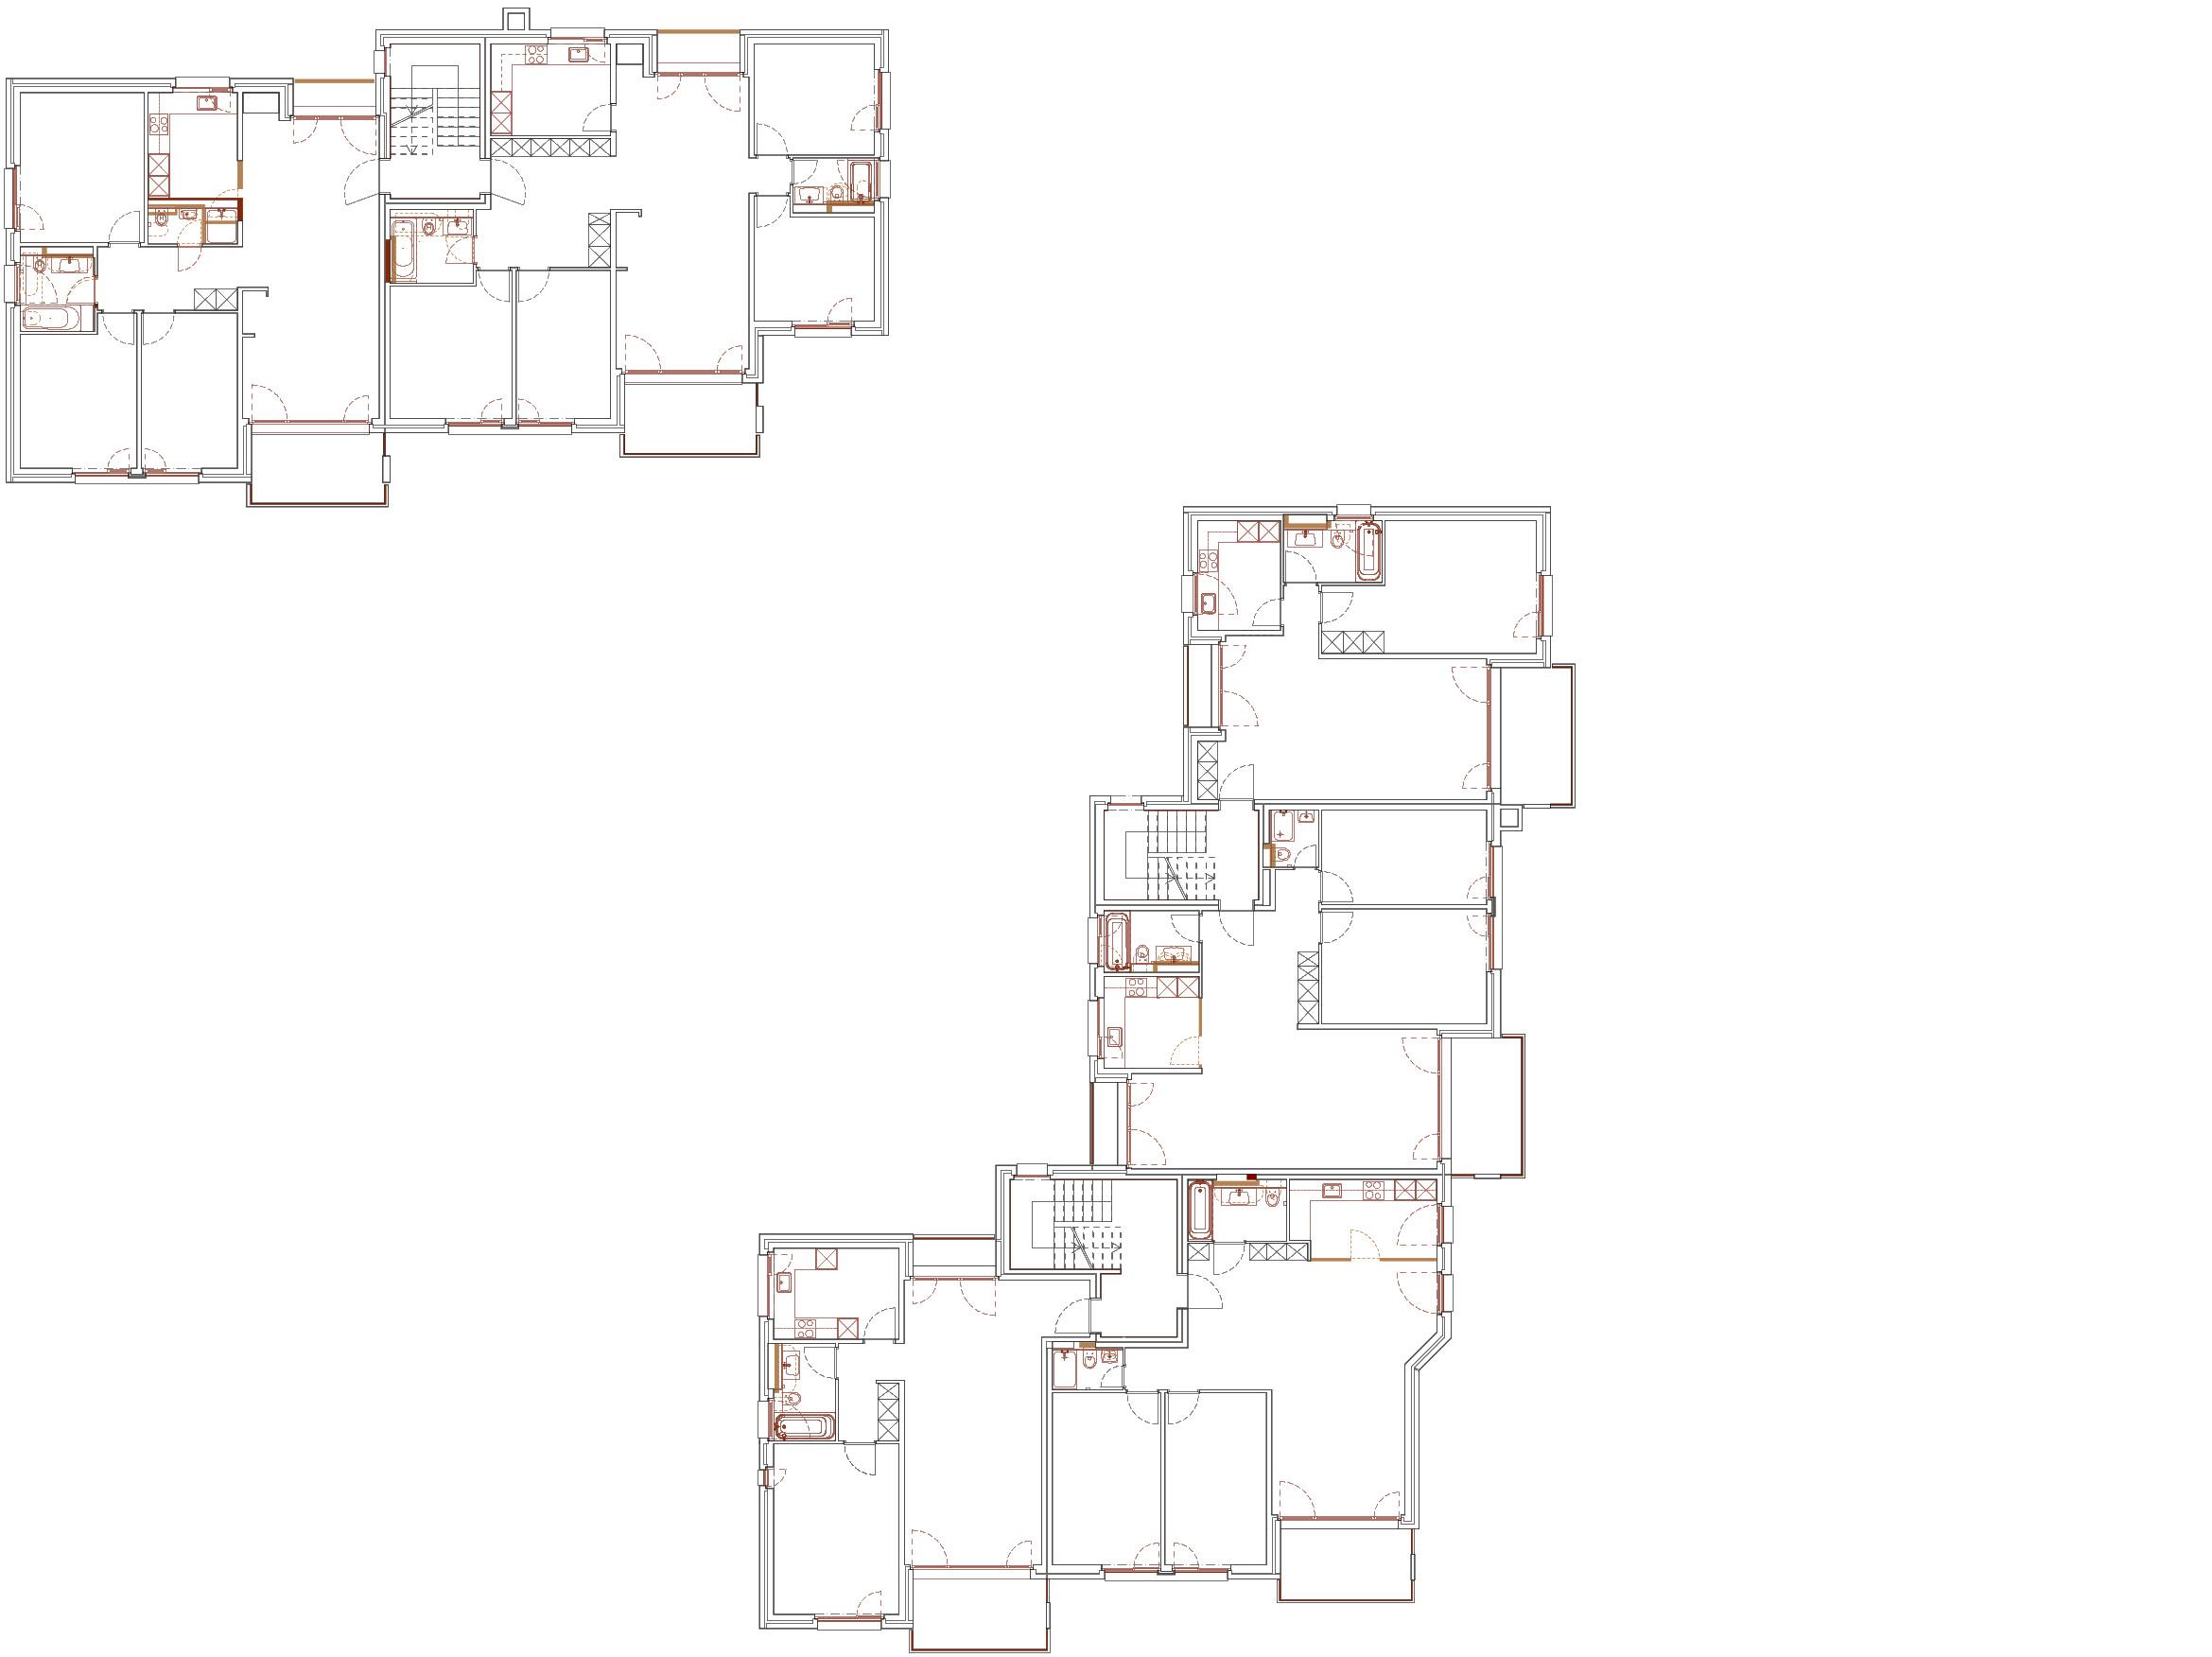 Strangsanierung 2 MFH mit 17 Wohnungen